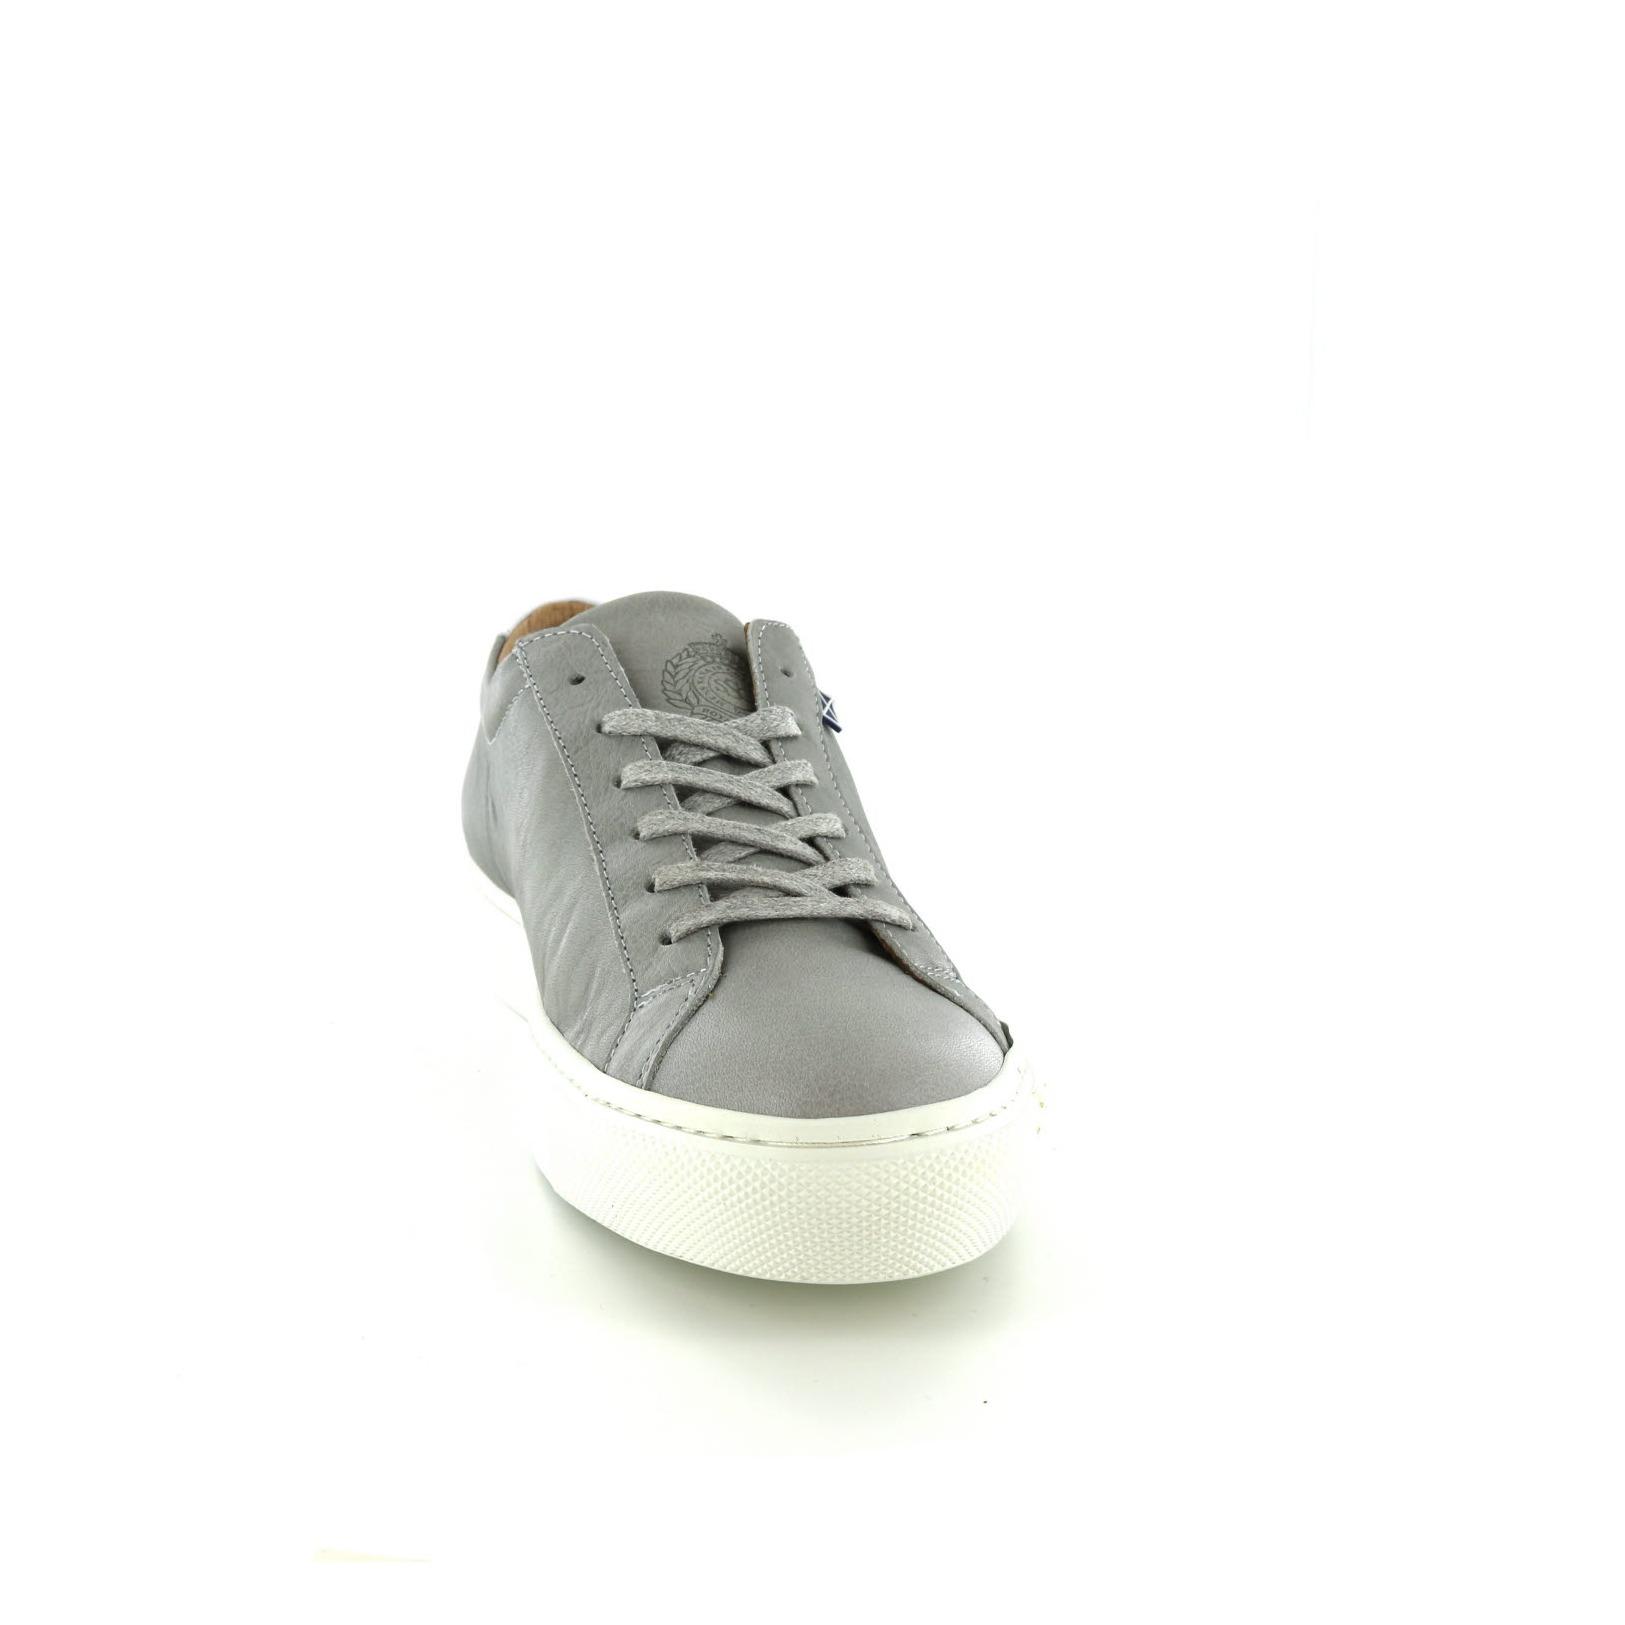 Chaussures Scapa / Dentelle - Chaussures De Sport, Gris